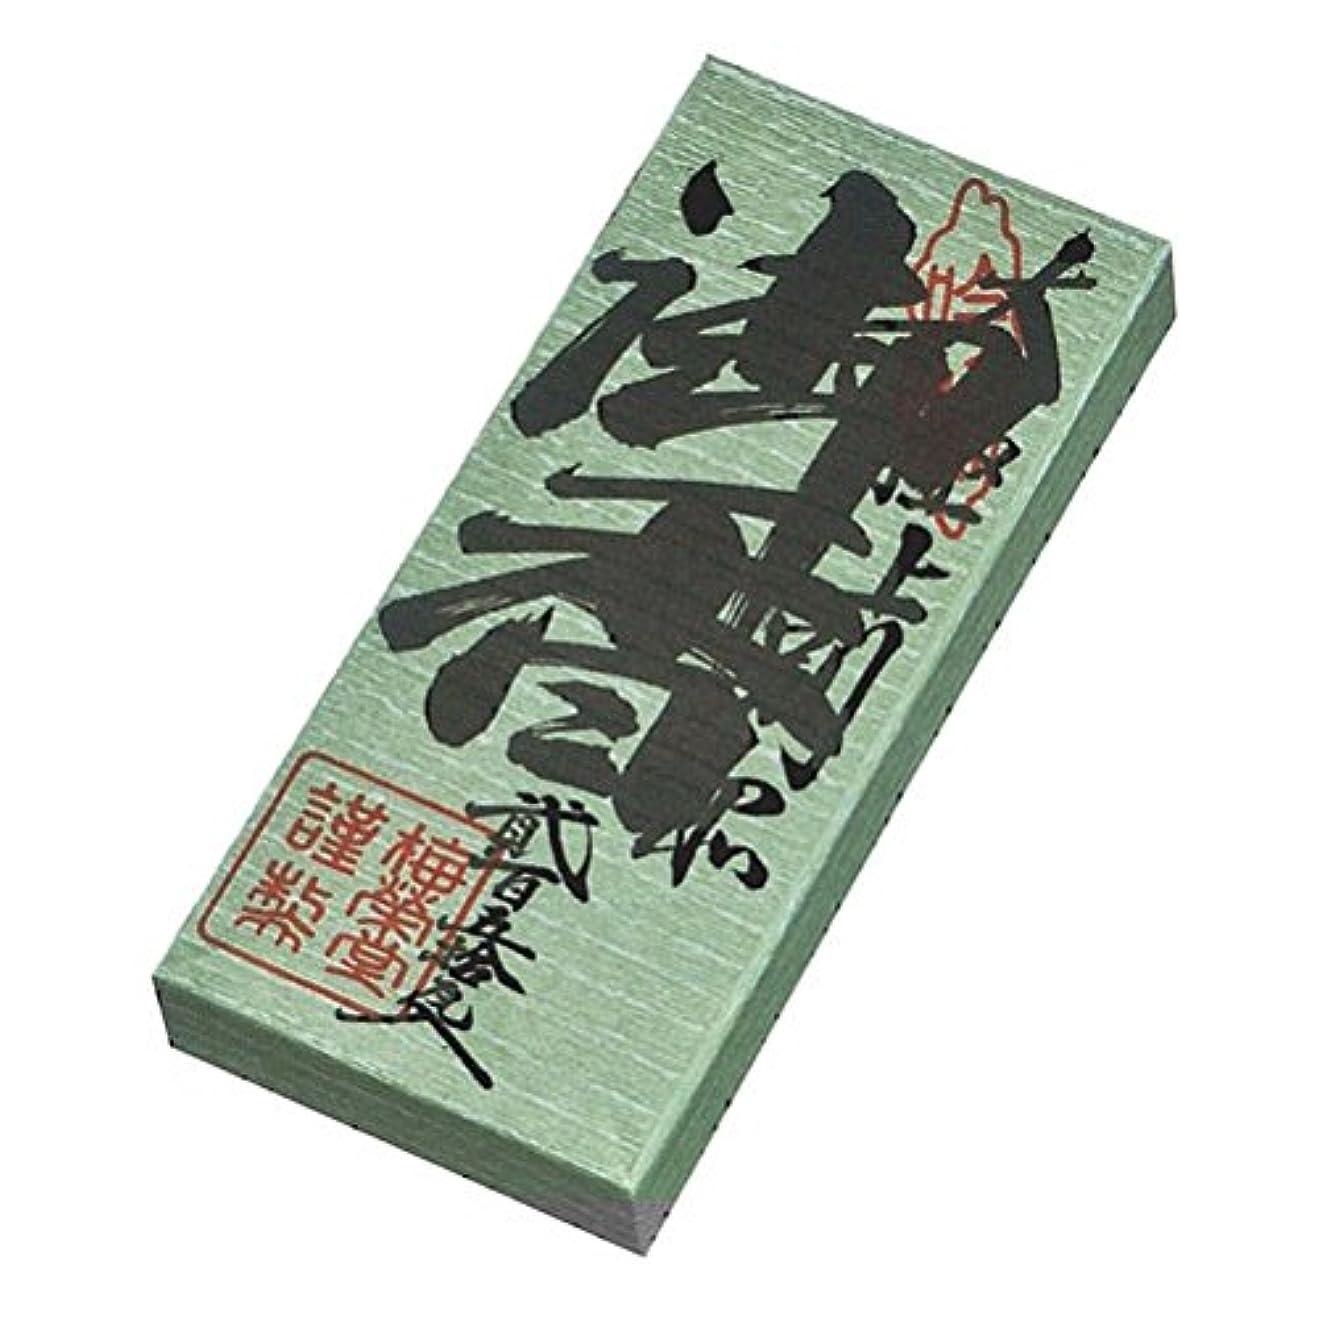 人気の投げる趣味徳香印 250g 紙箱入り お焼香 梅栄堂